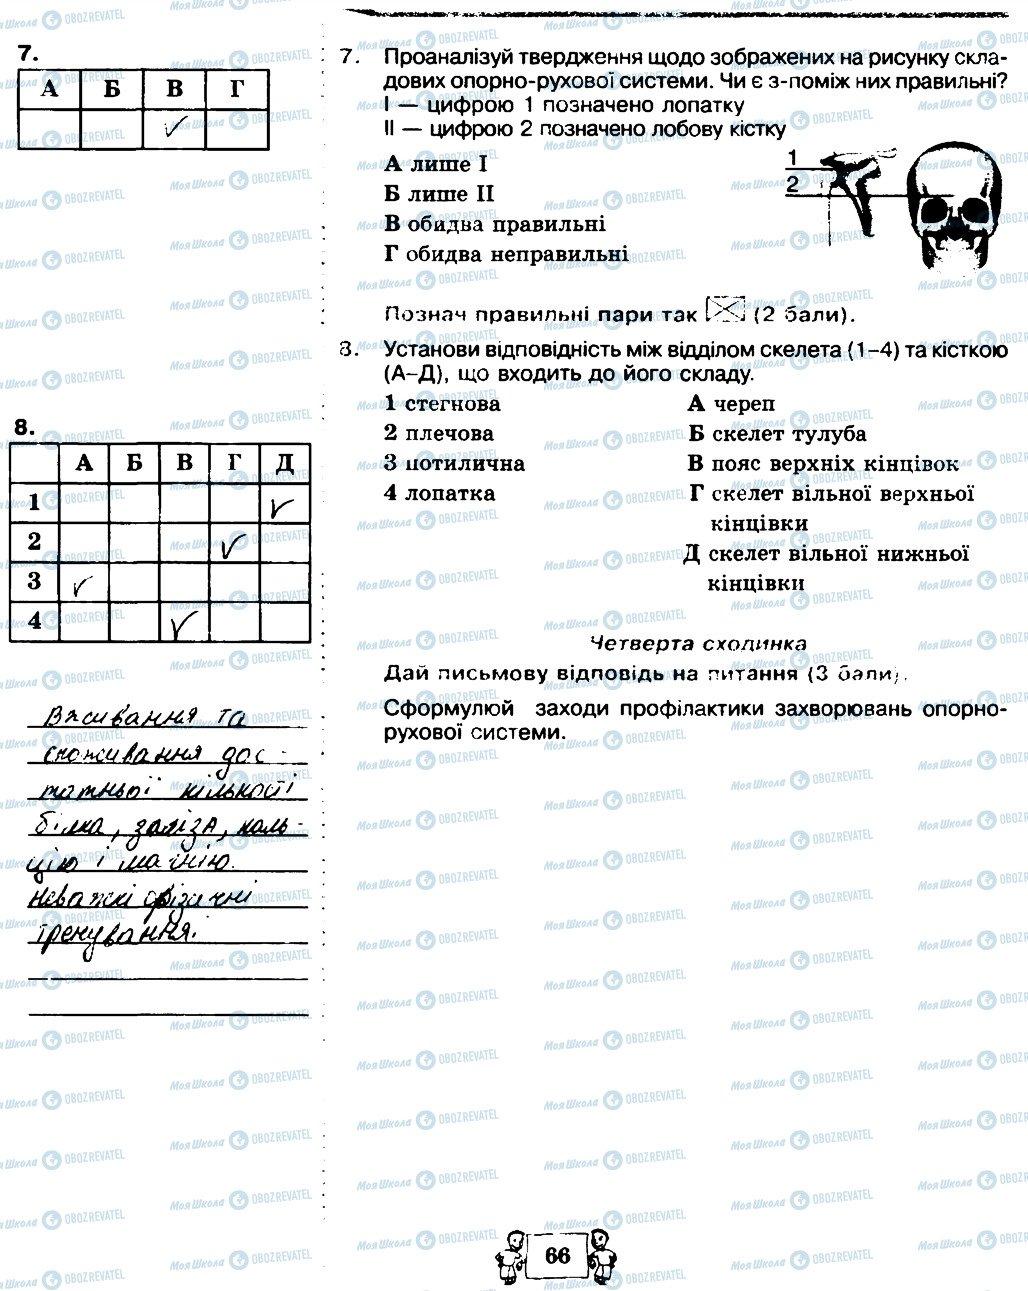 ГДЗ Біологія 8 клас сторінка 66